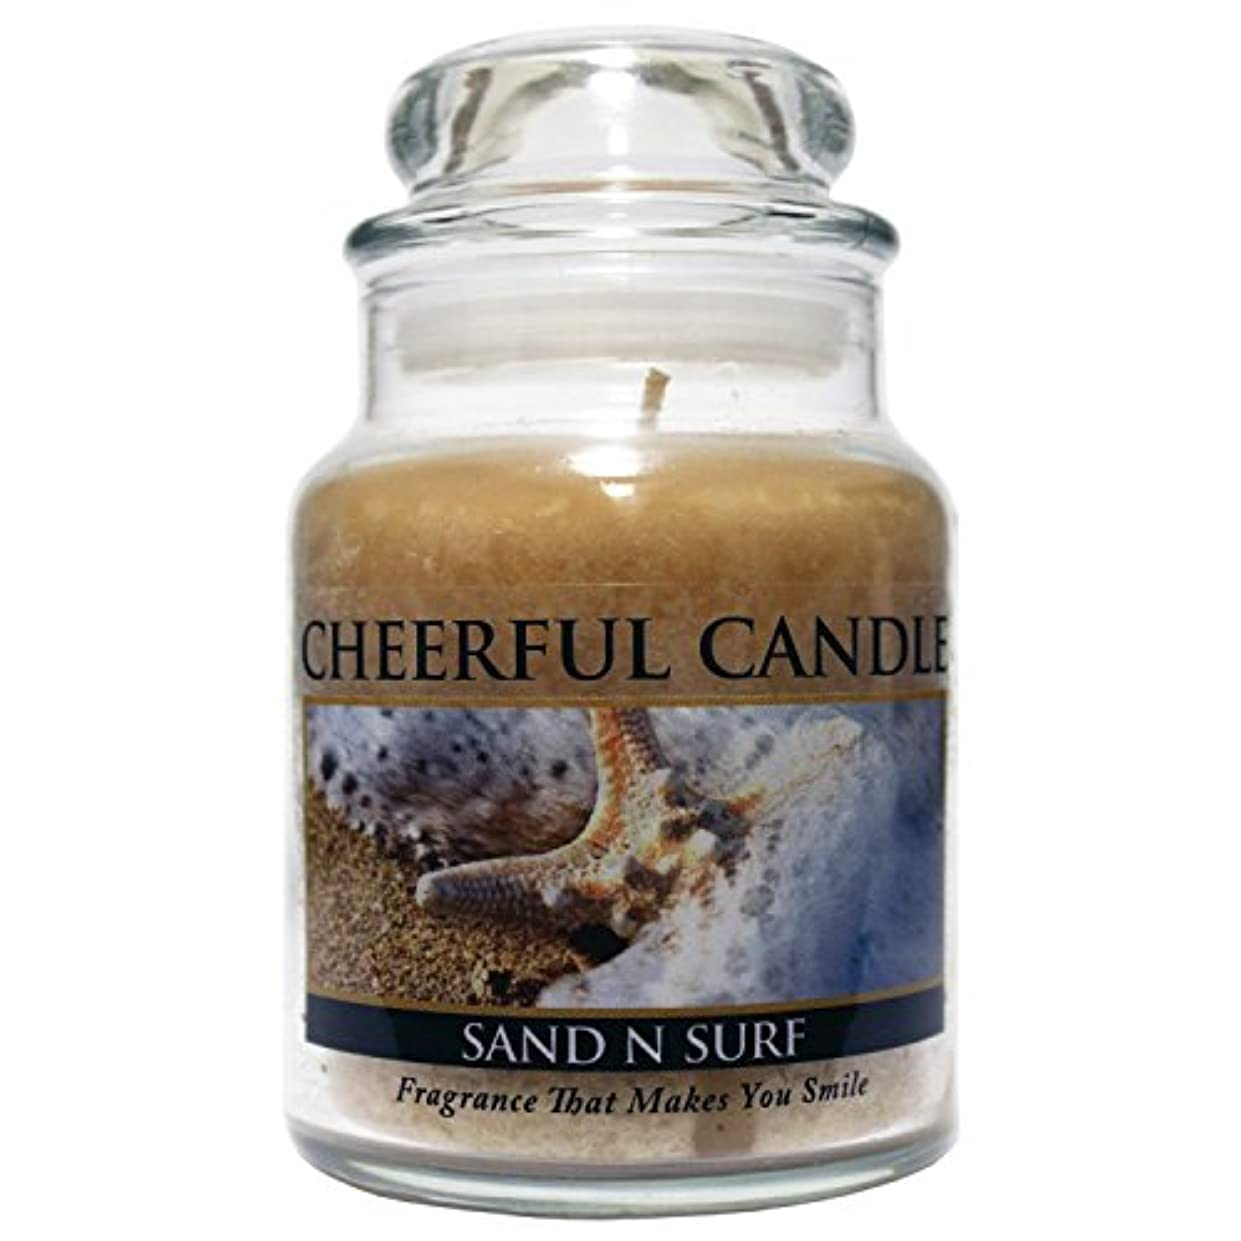 コロニーメディカル一貫したA Cheerful Giver Sand 'n Surf Jar Candle, 6-Ounce [並行輸入品]